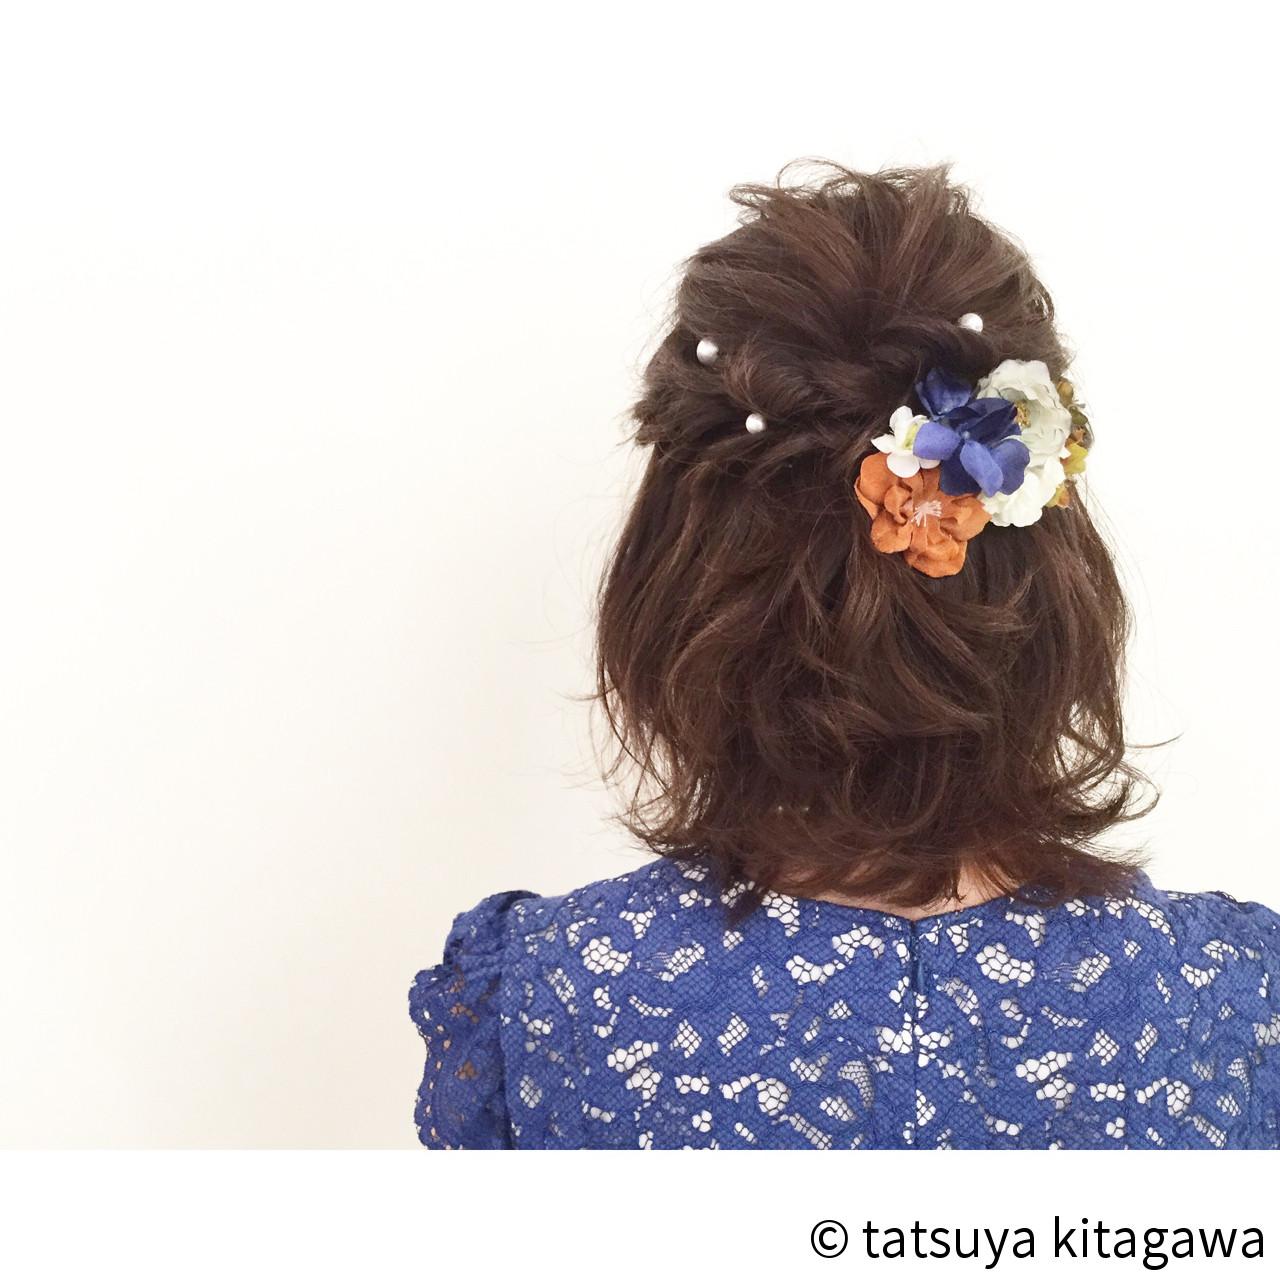 ふわふわと可愛らしいボブには、パールを散らすだけではなく花を添えるのも素敵ですね。大きなヘアアクセサリーをつける分、ヘアアレンジは落ち着いたものにするとバランスが整いますよ。